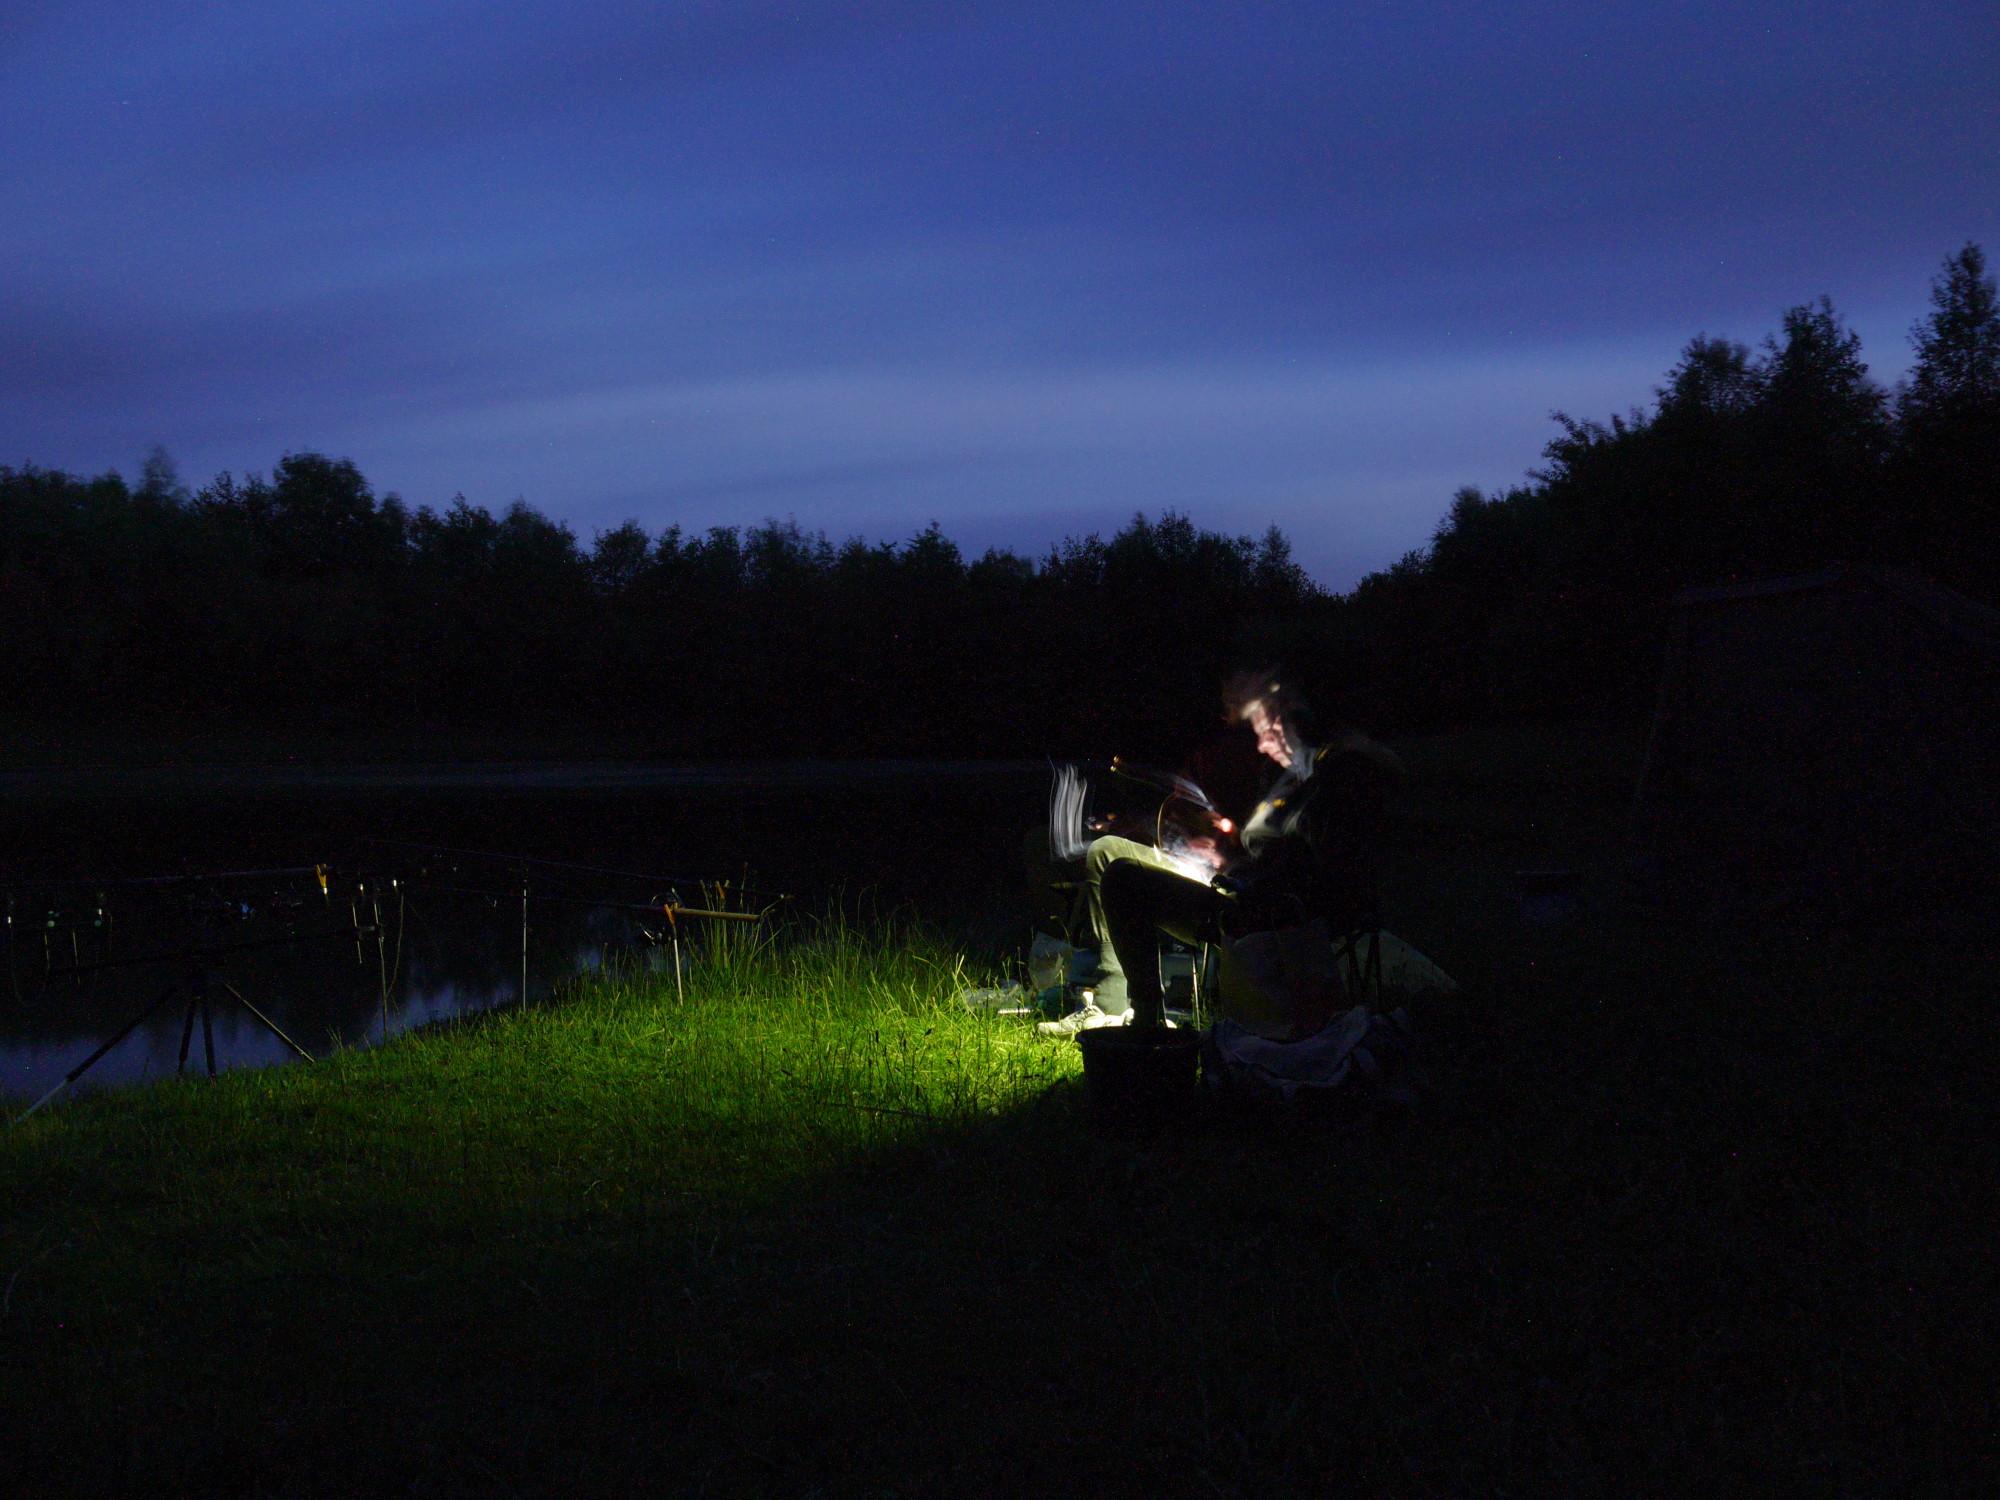 Die kurzen Beißpausen in der Nacht nutzten die Fischköppe für etwas Entspannung. Foto: BLINKER/FiSCHKÖPPE